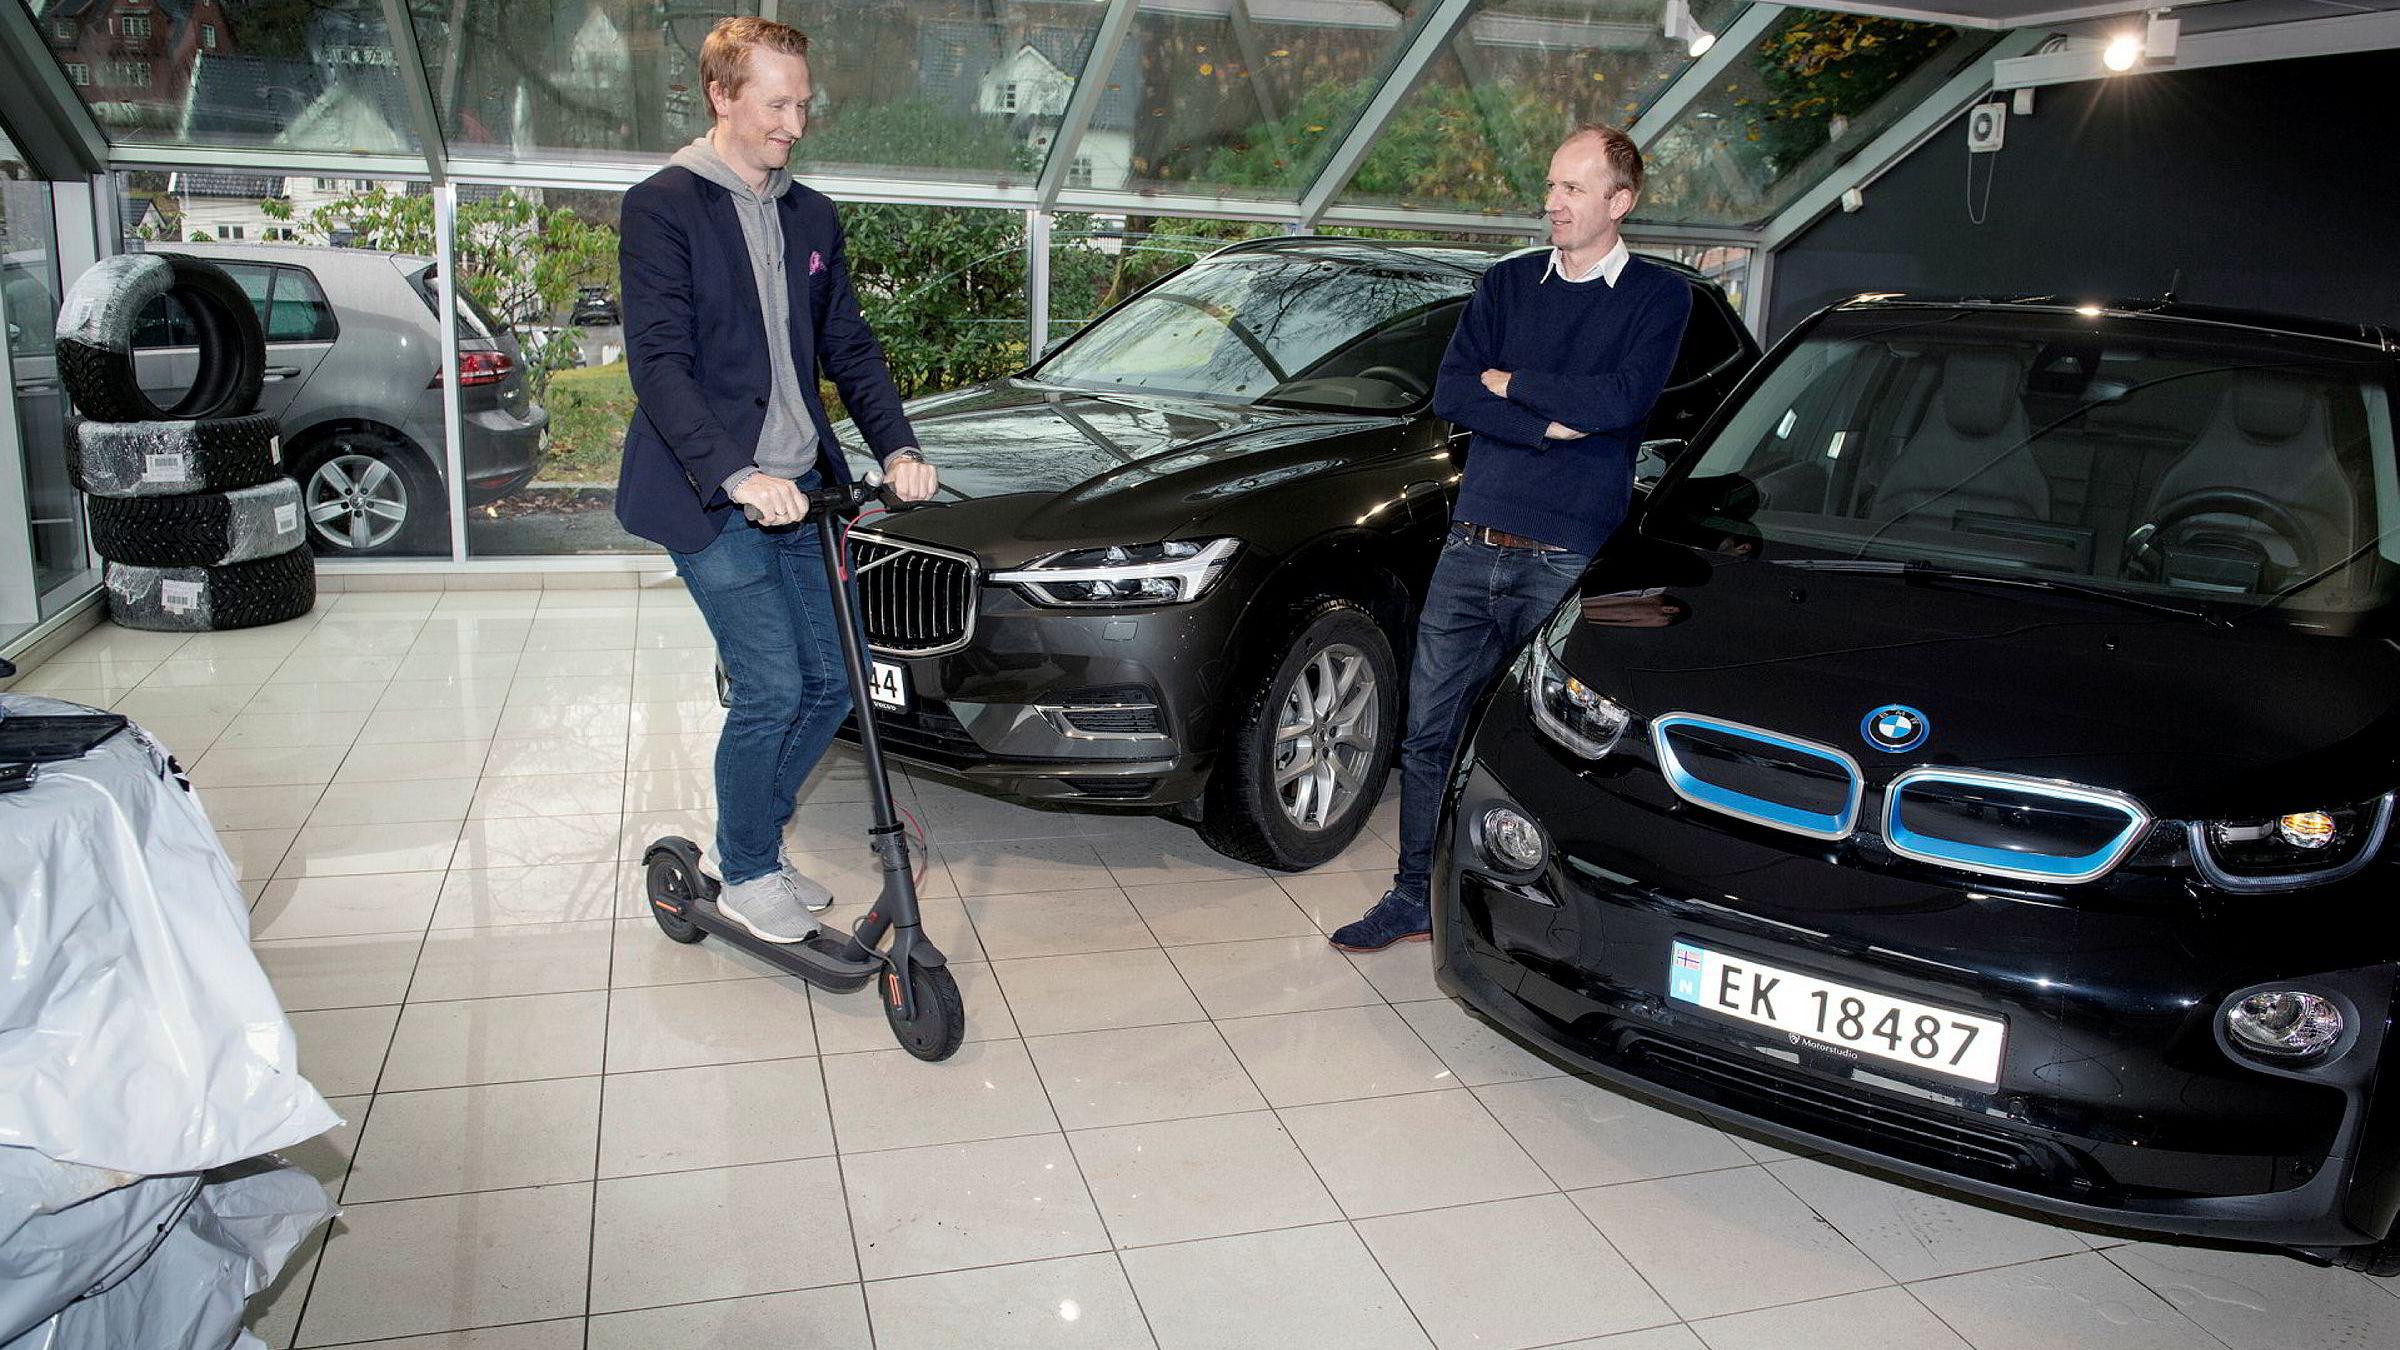 Interessen for bilabonnement ser ut til å vokse. Hans Kristian Aas (til venstre) og Gunnar Birkenfeldt i startup-selskapet Imove tror fleksibilitet trumfer det meste i usikre tider.